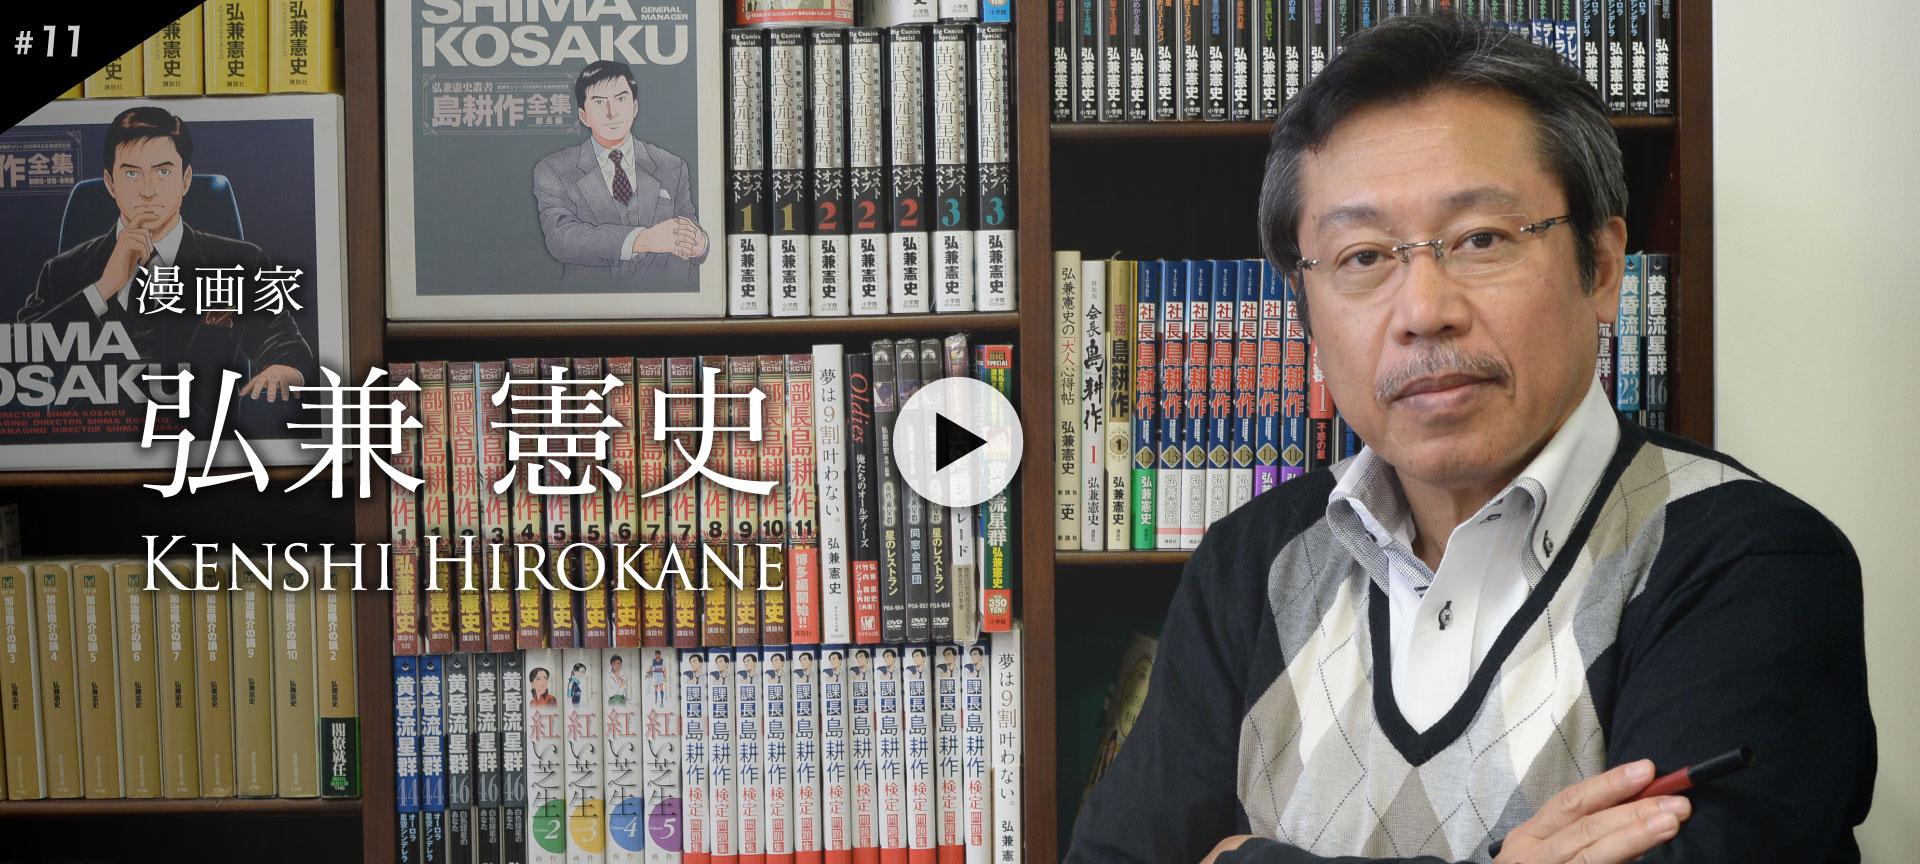 OWNDAYS MEETS 弘兼憲史(Hirokane Kenshi)